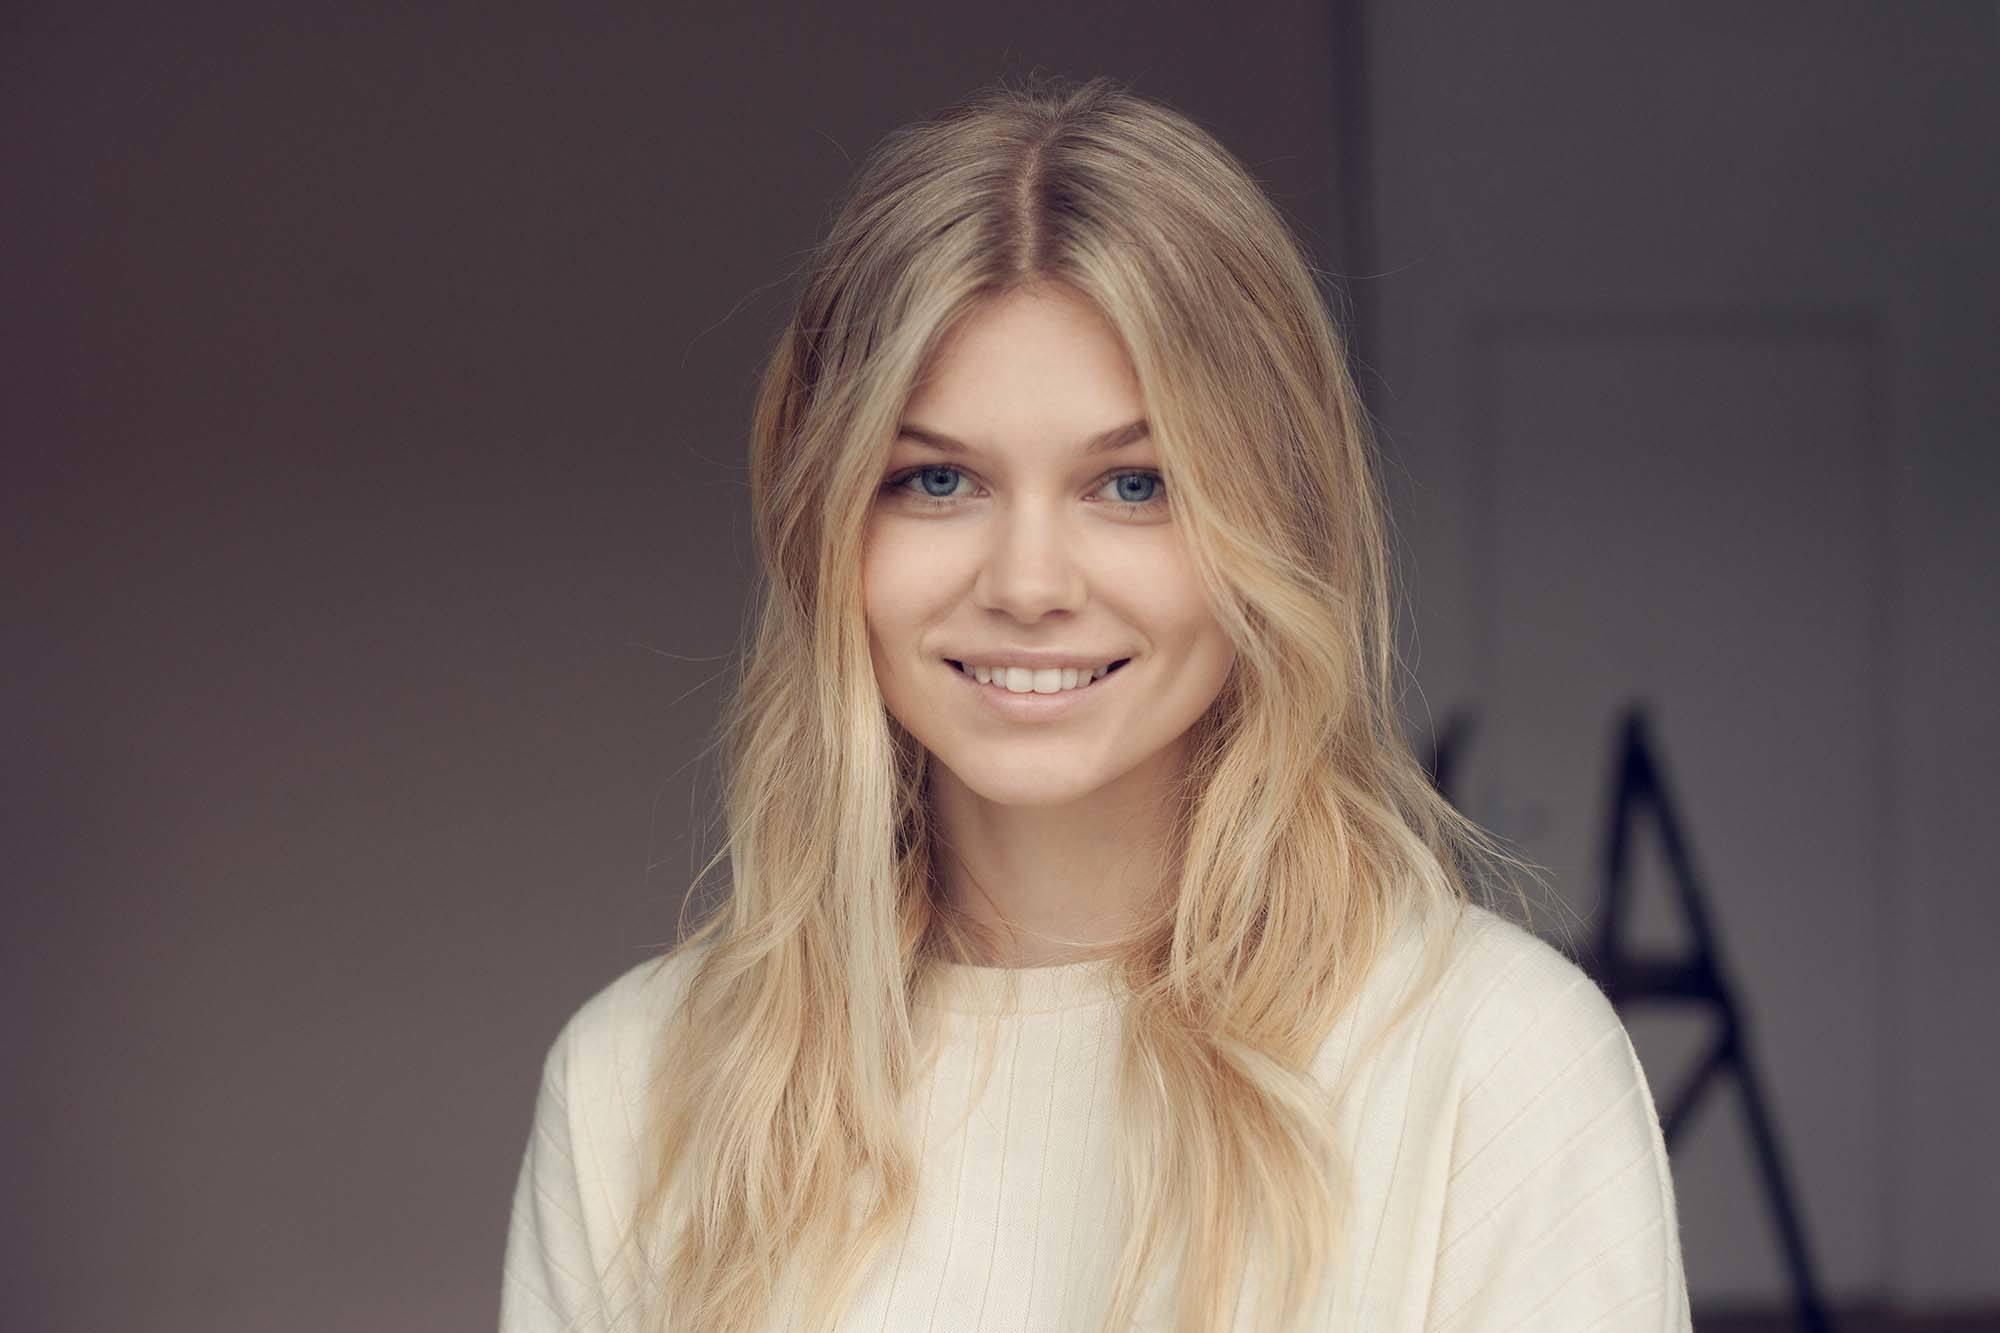 cheveux blond cendré : plan rapproché d'une femme aux cheveux blond cendré moyen et clair, coiffés en ondulations, portant un haut blanc et souriant.